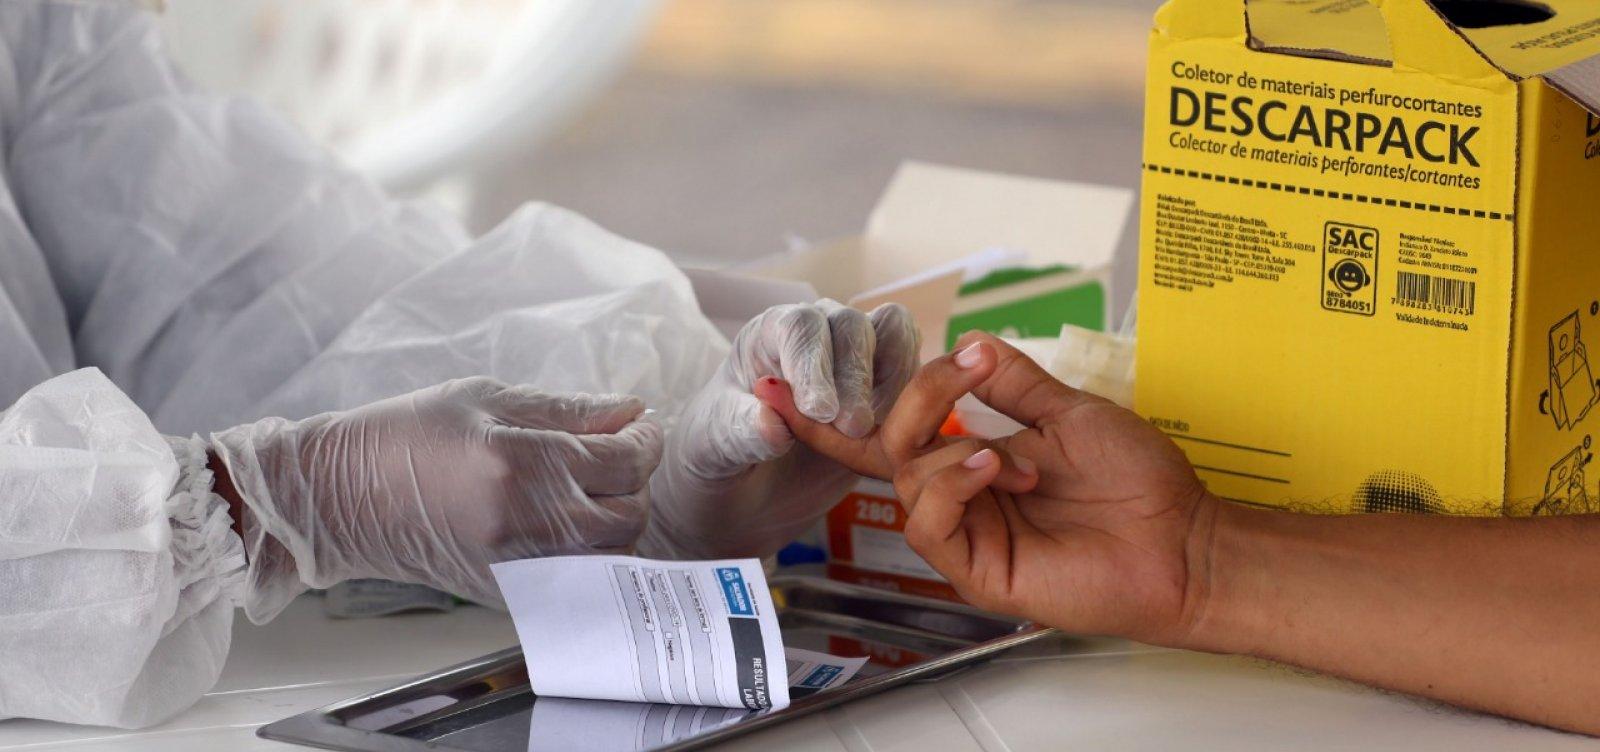 [Coronavírus: Bahia registra 570 mortes e 15.963 casos confirmados]